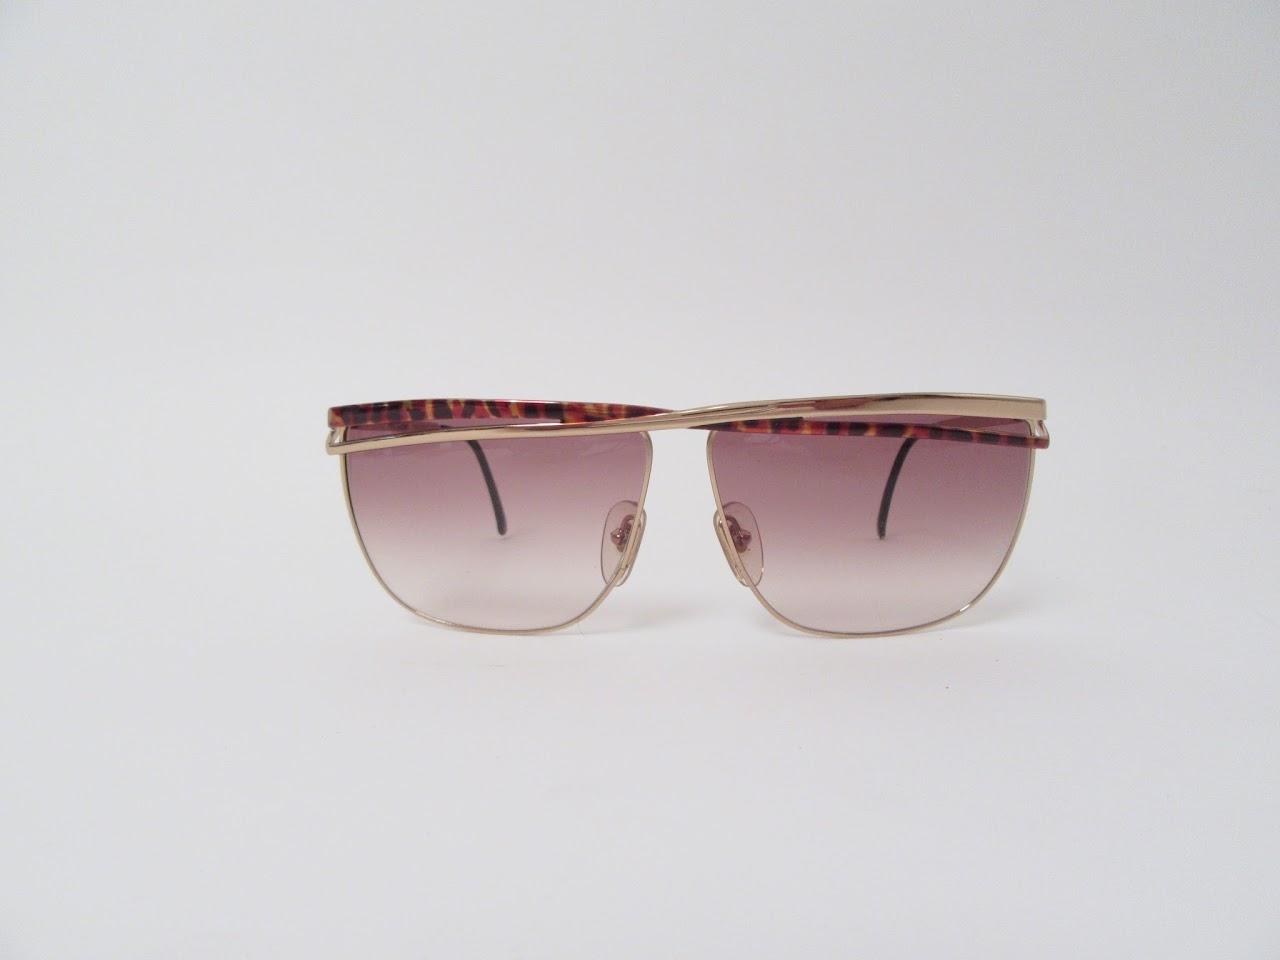 Laura Biagiotti Retro Sunglasses